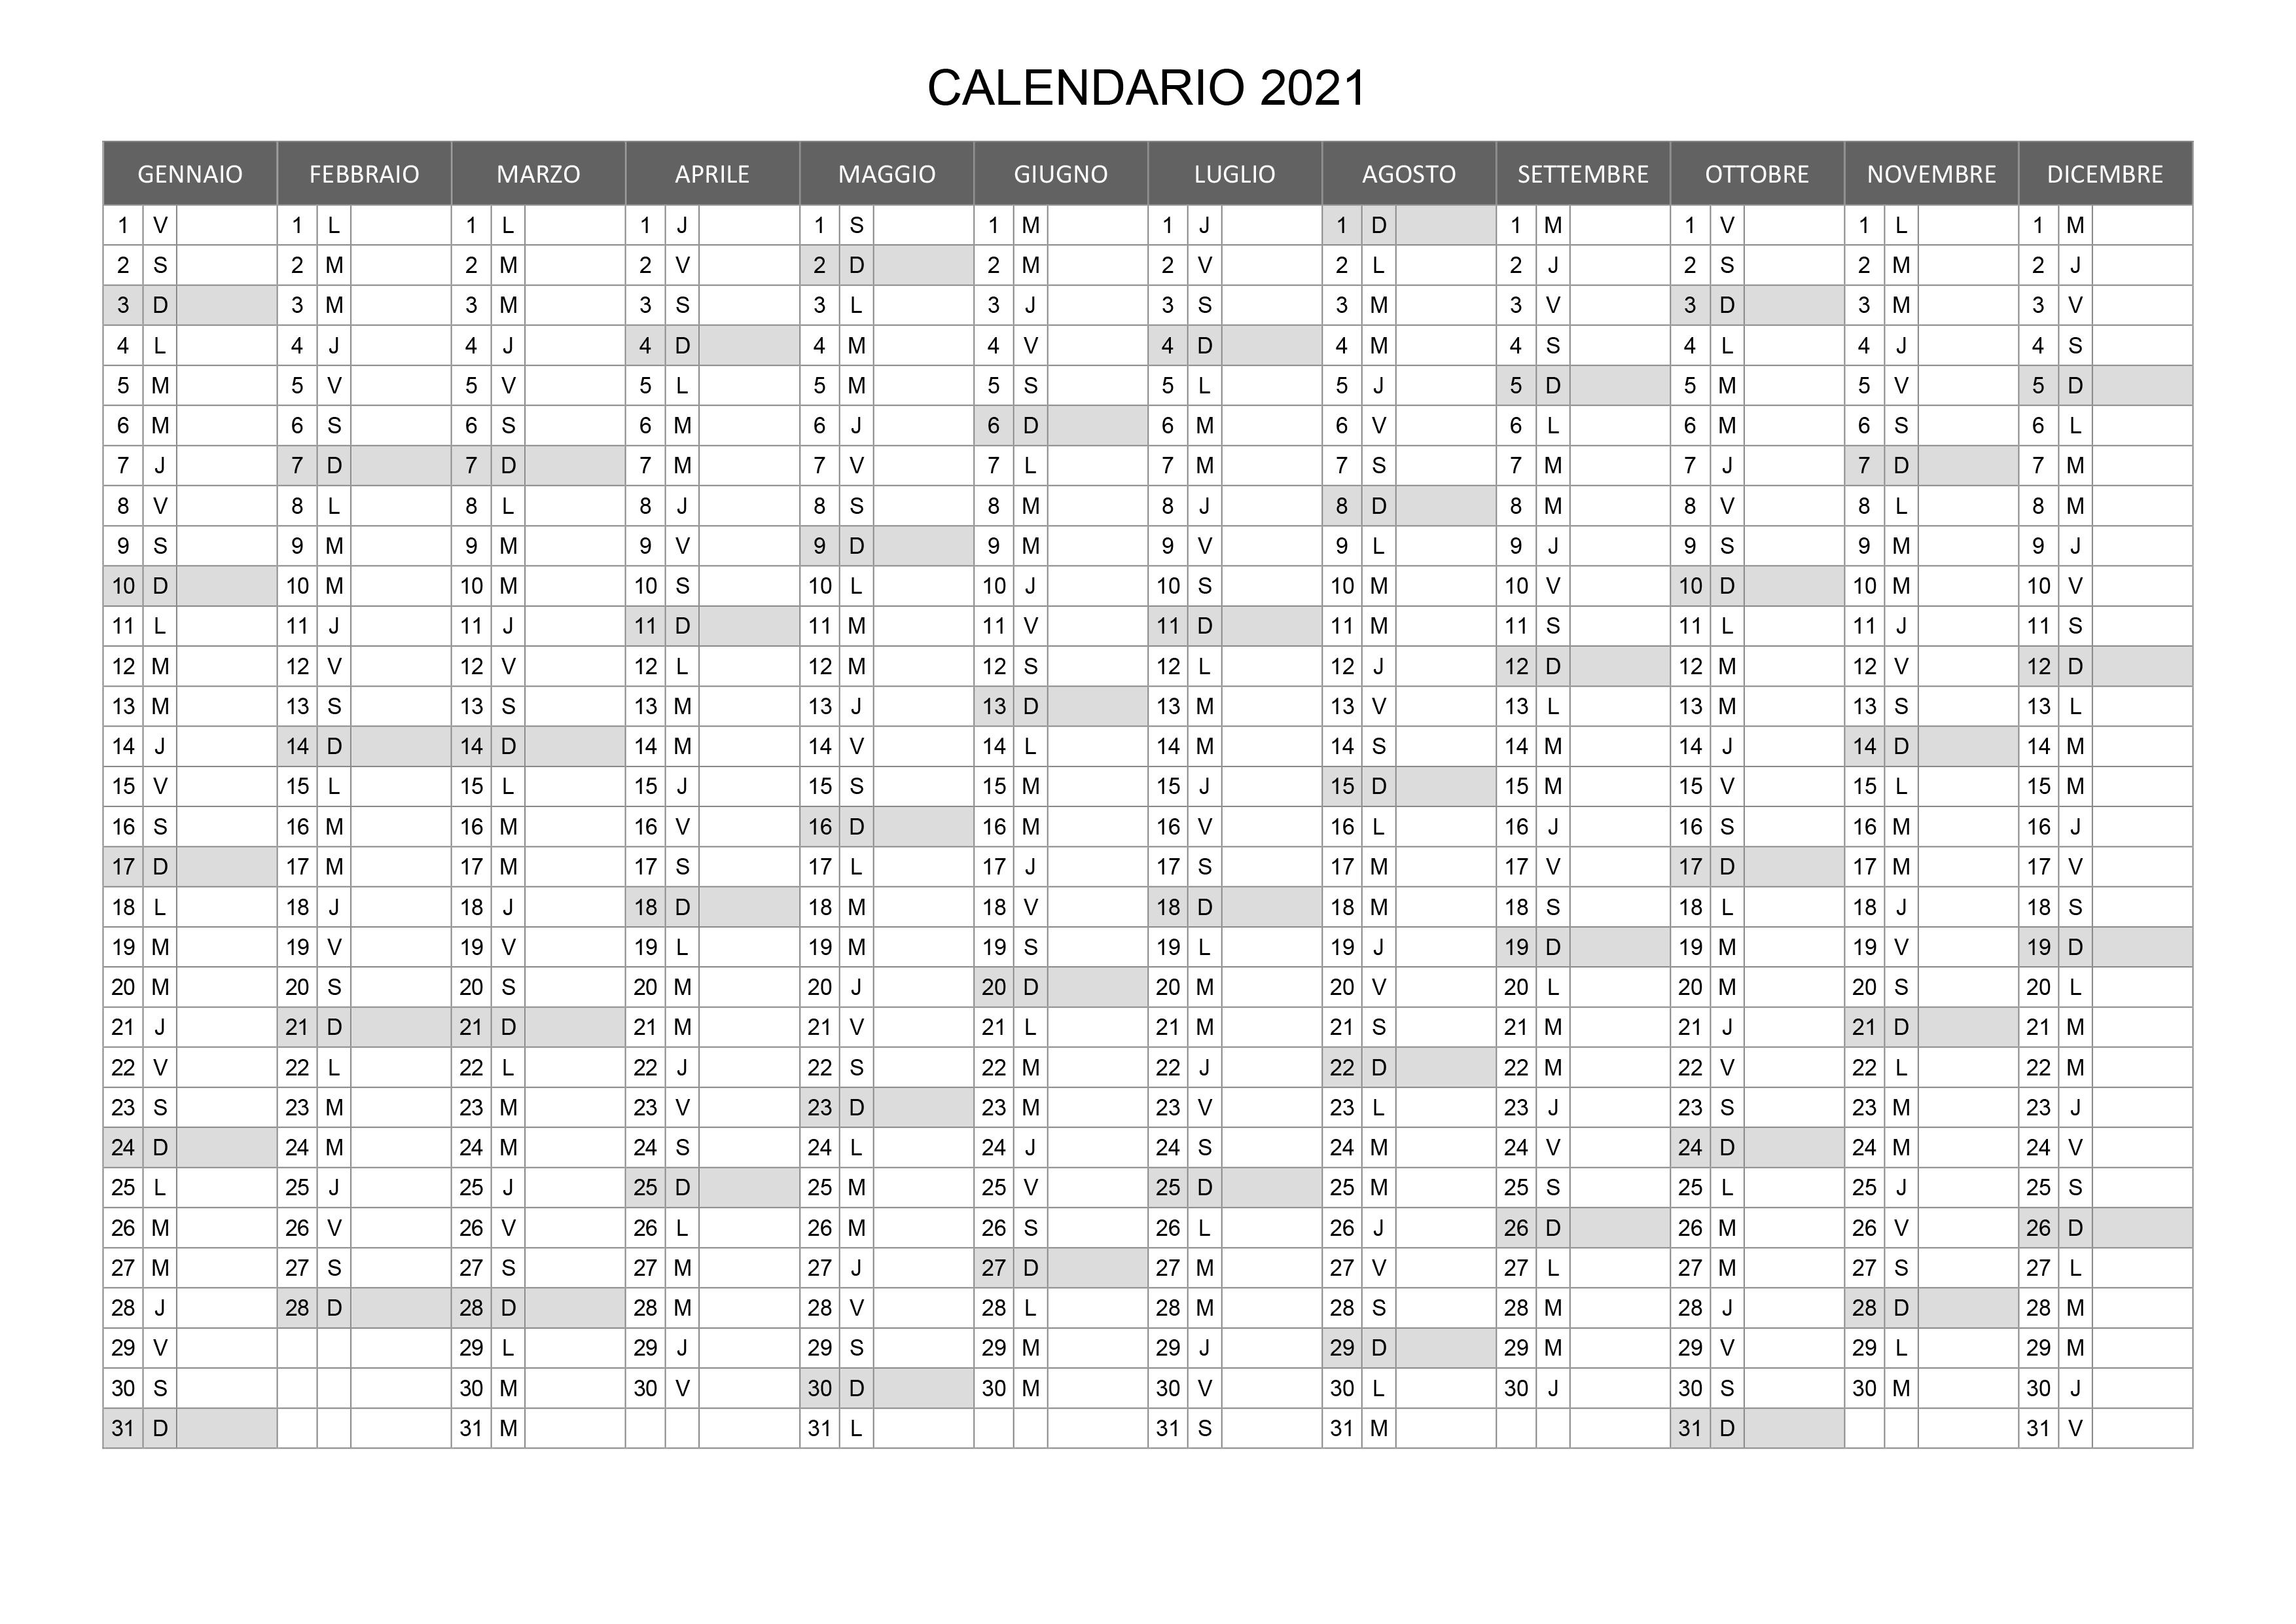 Calendario 2021 Annuale Excel Calendario 2021 annuale – calendario.su